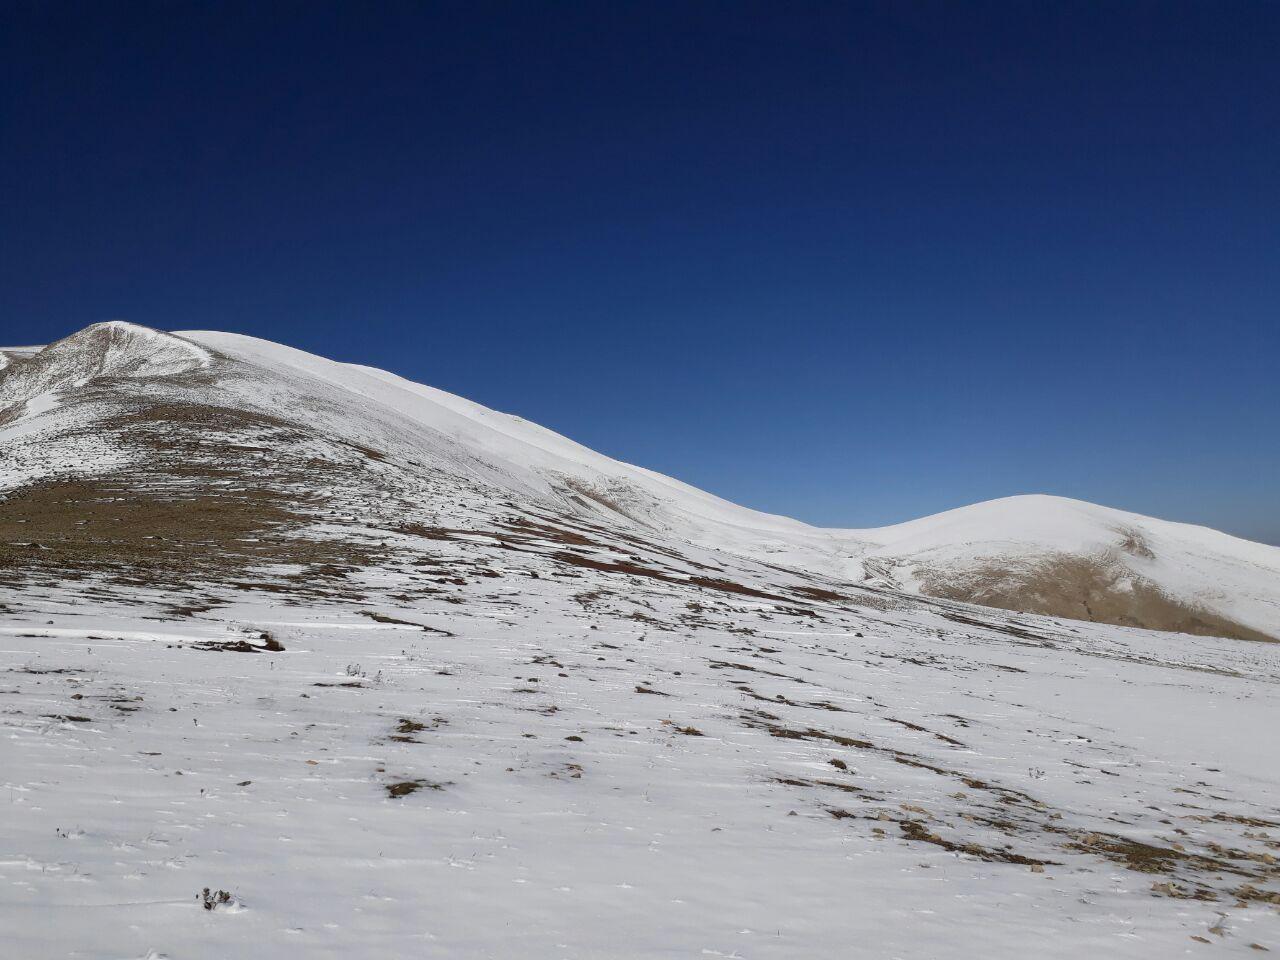 Shah Moalem Mountain (1).jpg